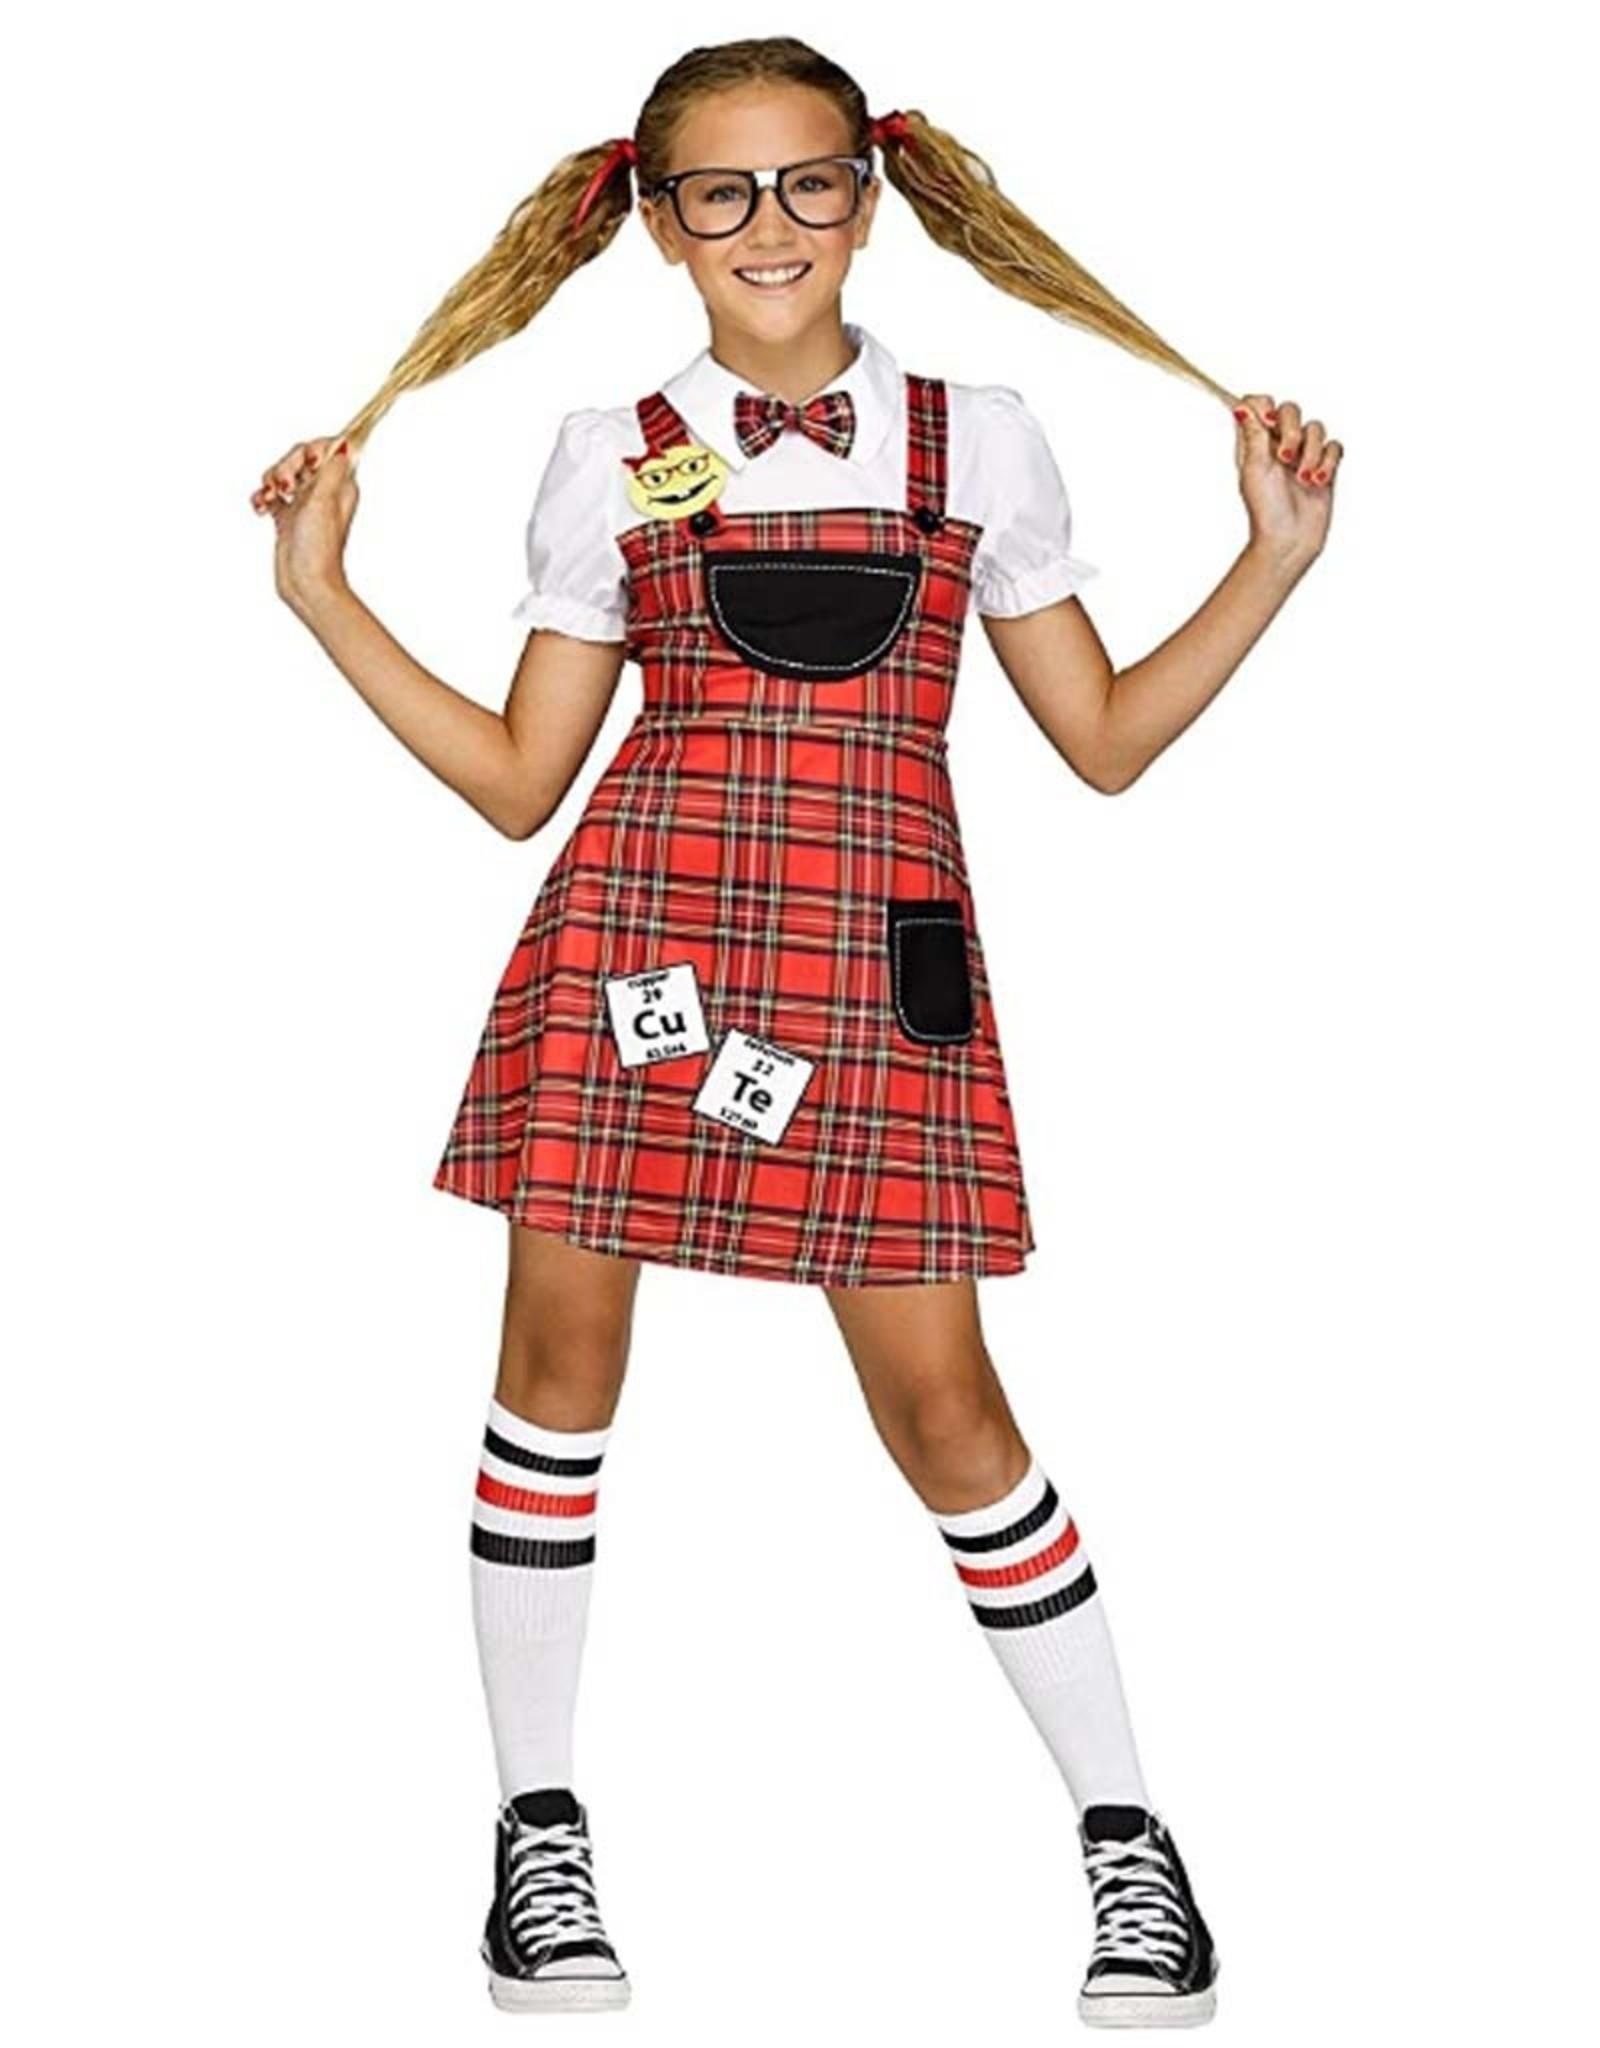 FUN WORLD Head of the Class - Girl's